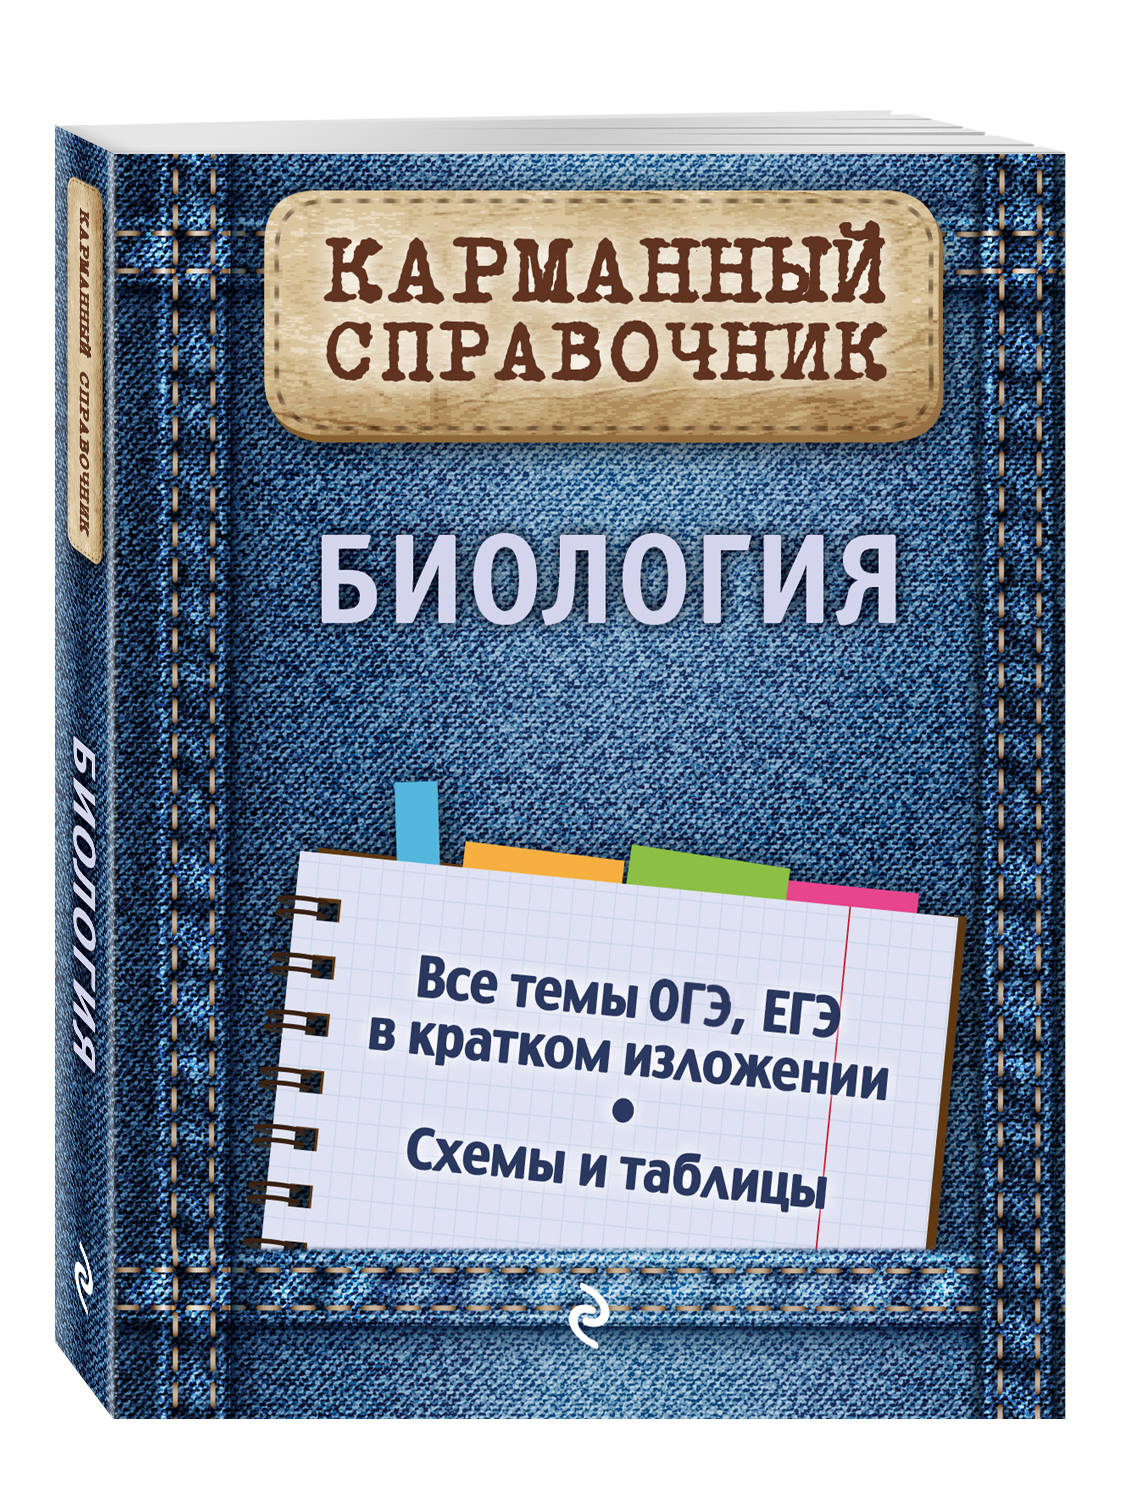 Биология ( Садовниченко Ю.А.  )